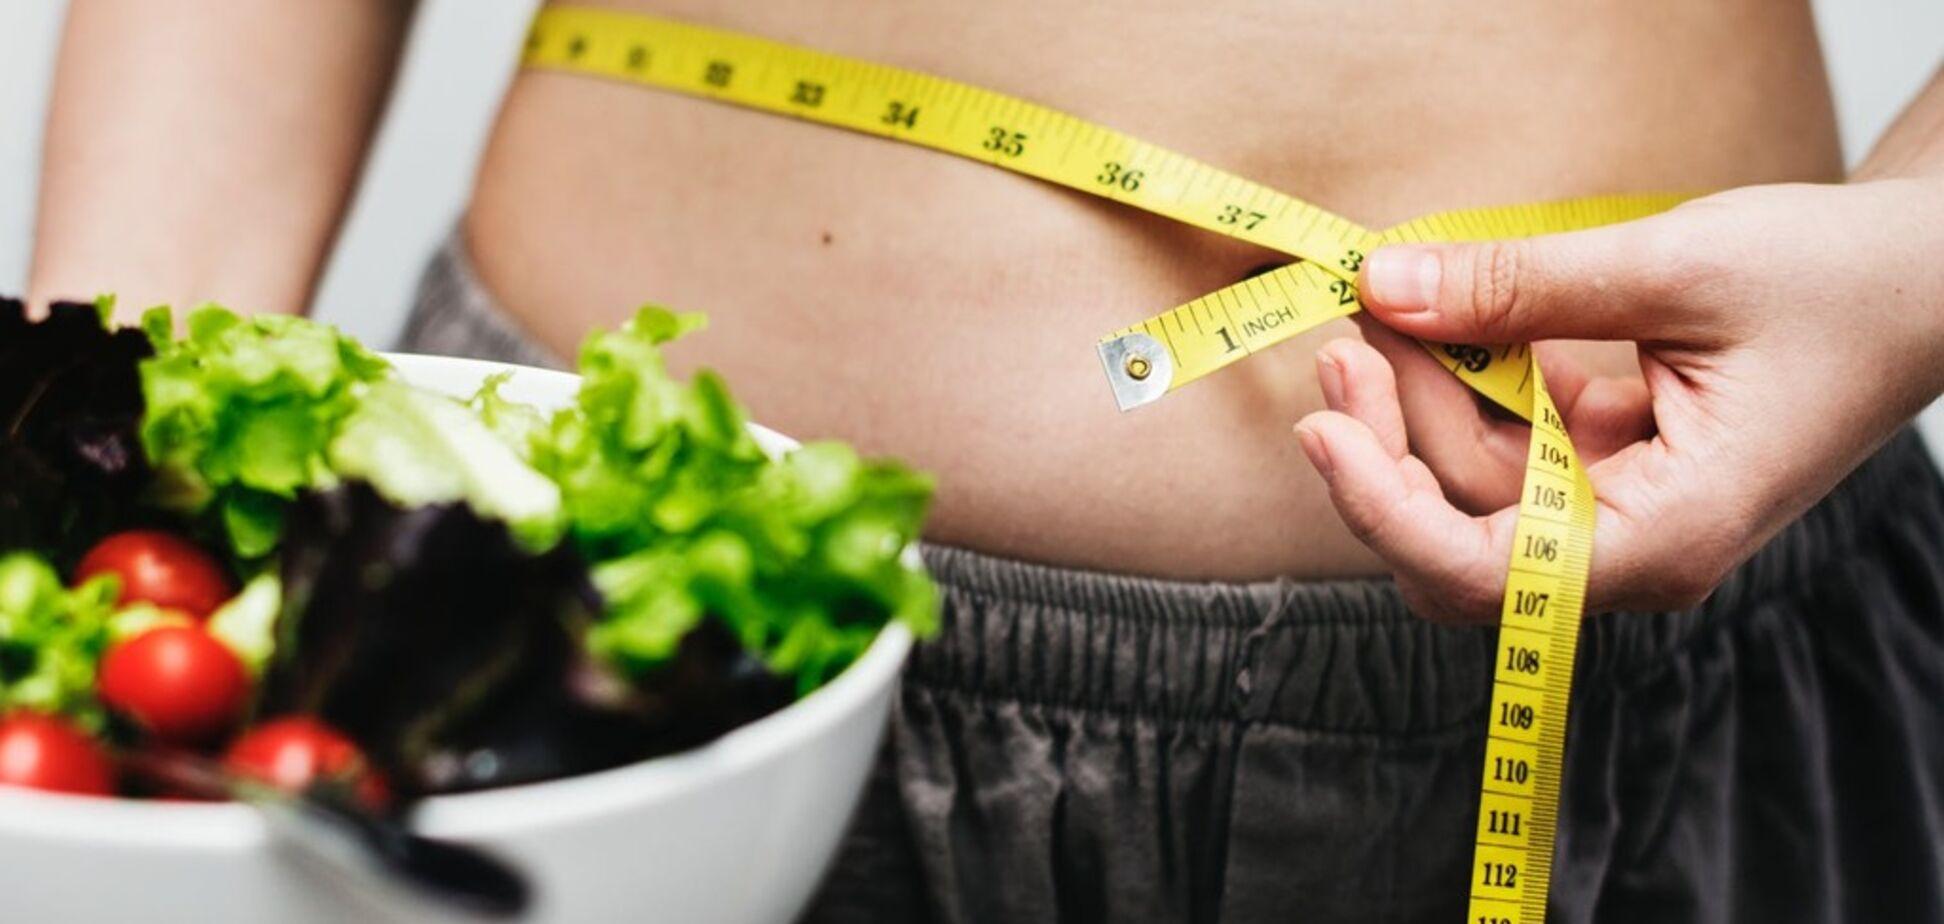 Все вредны: развенчан миф о пользе диет